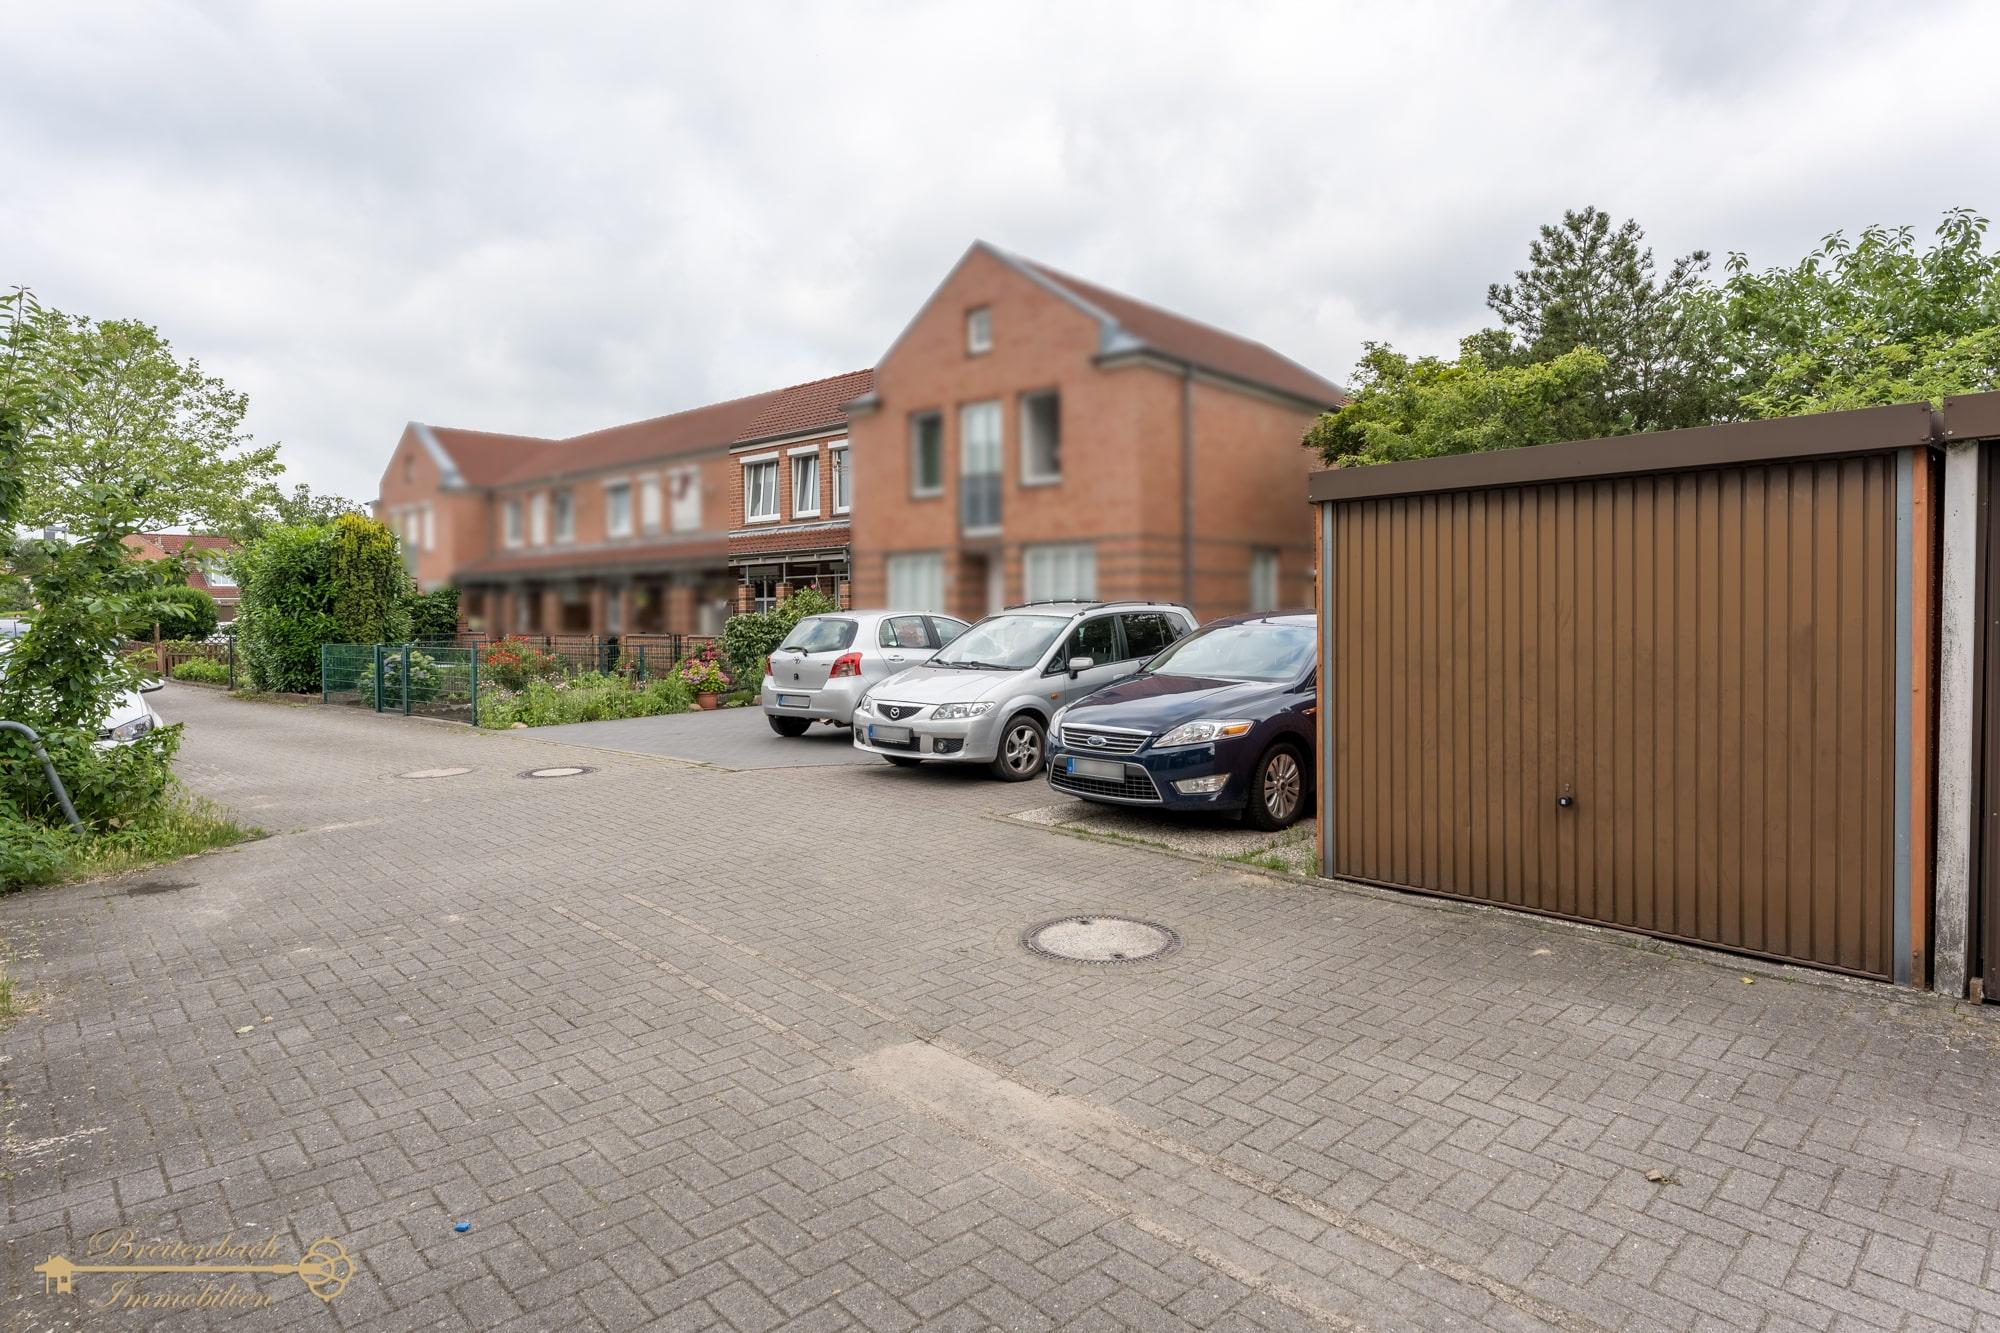 2021-07-10-Breitenbach-Immobilien-Makler-Bremen-3-min